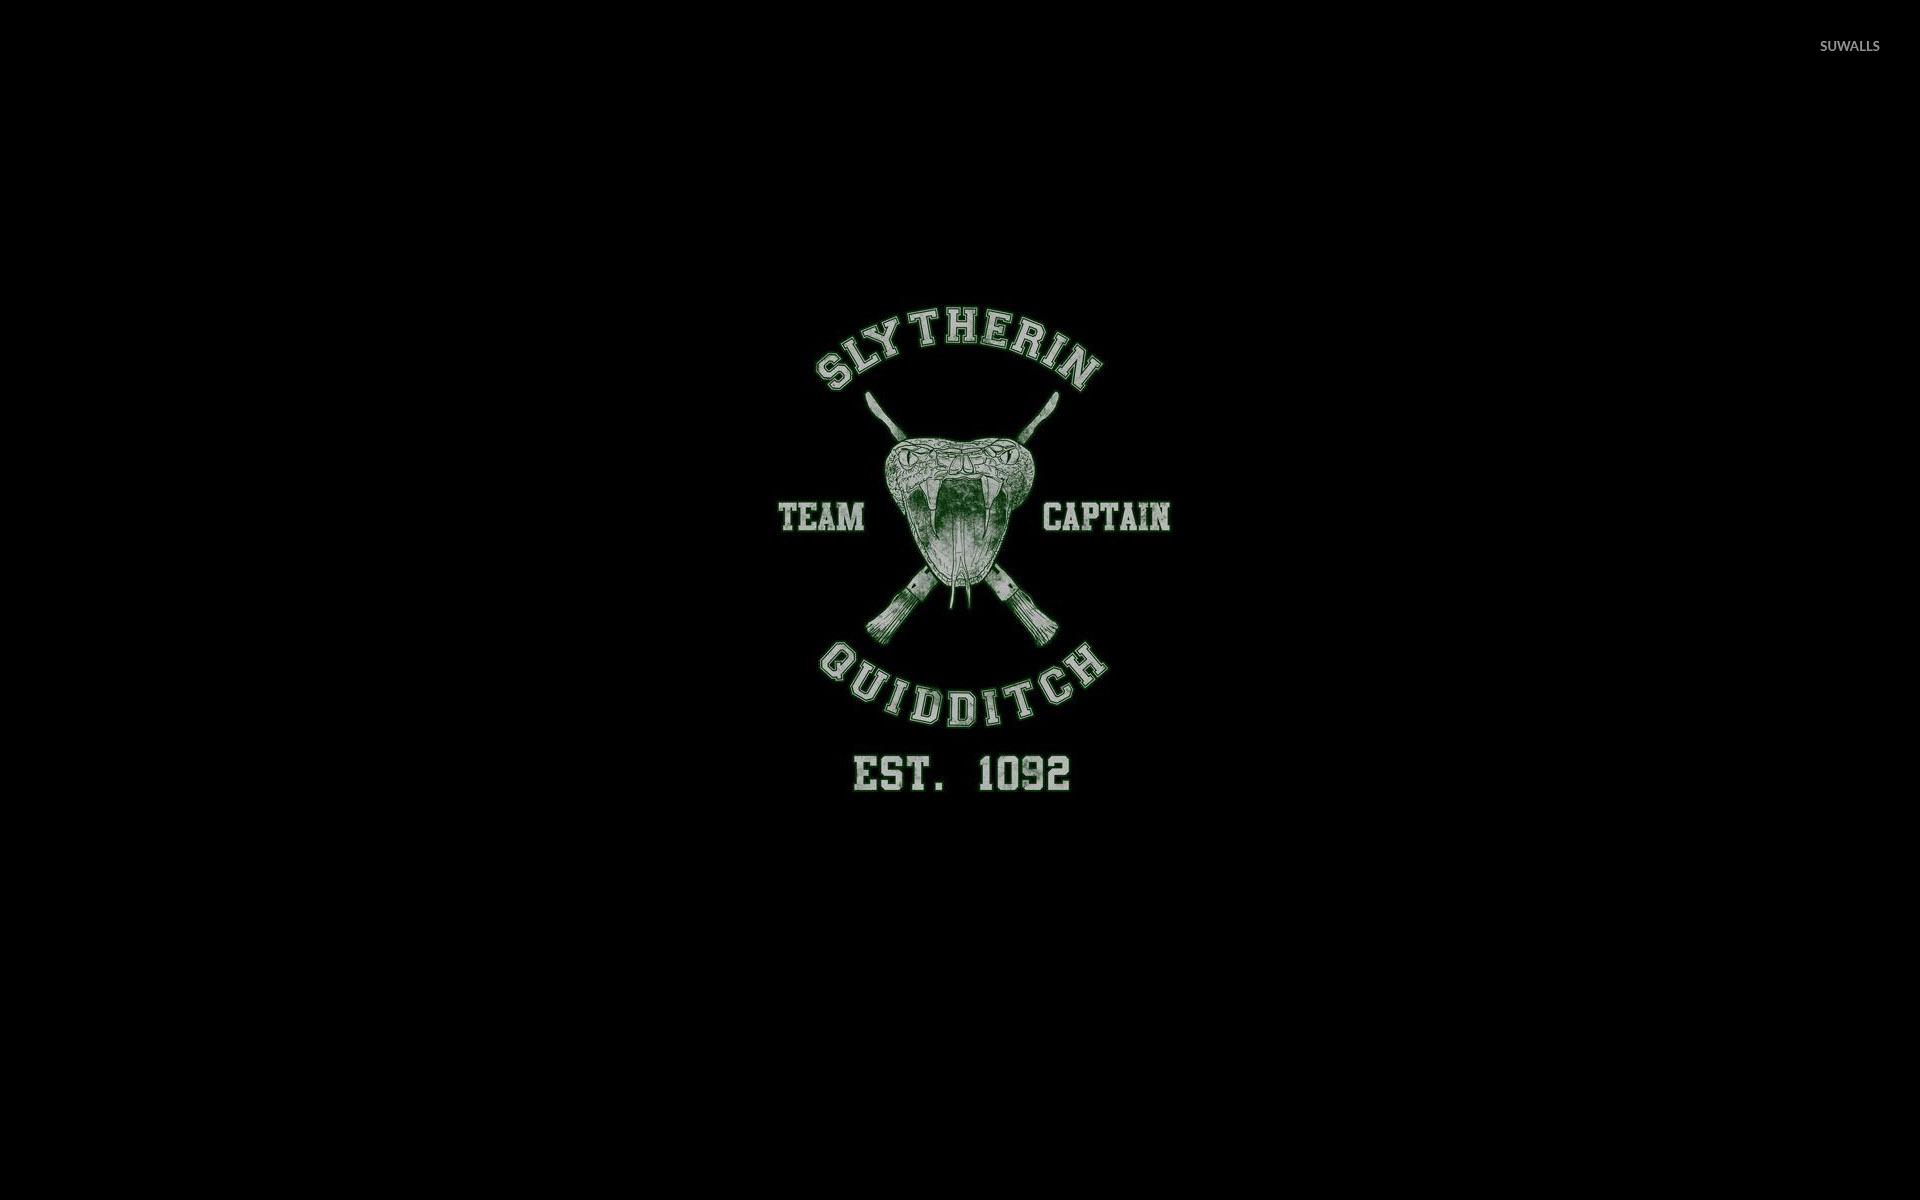 1920x1200 Slytherin Quidditch Team